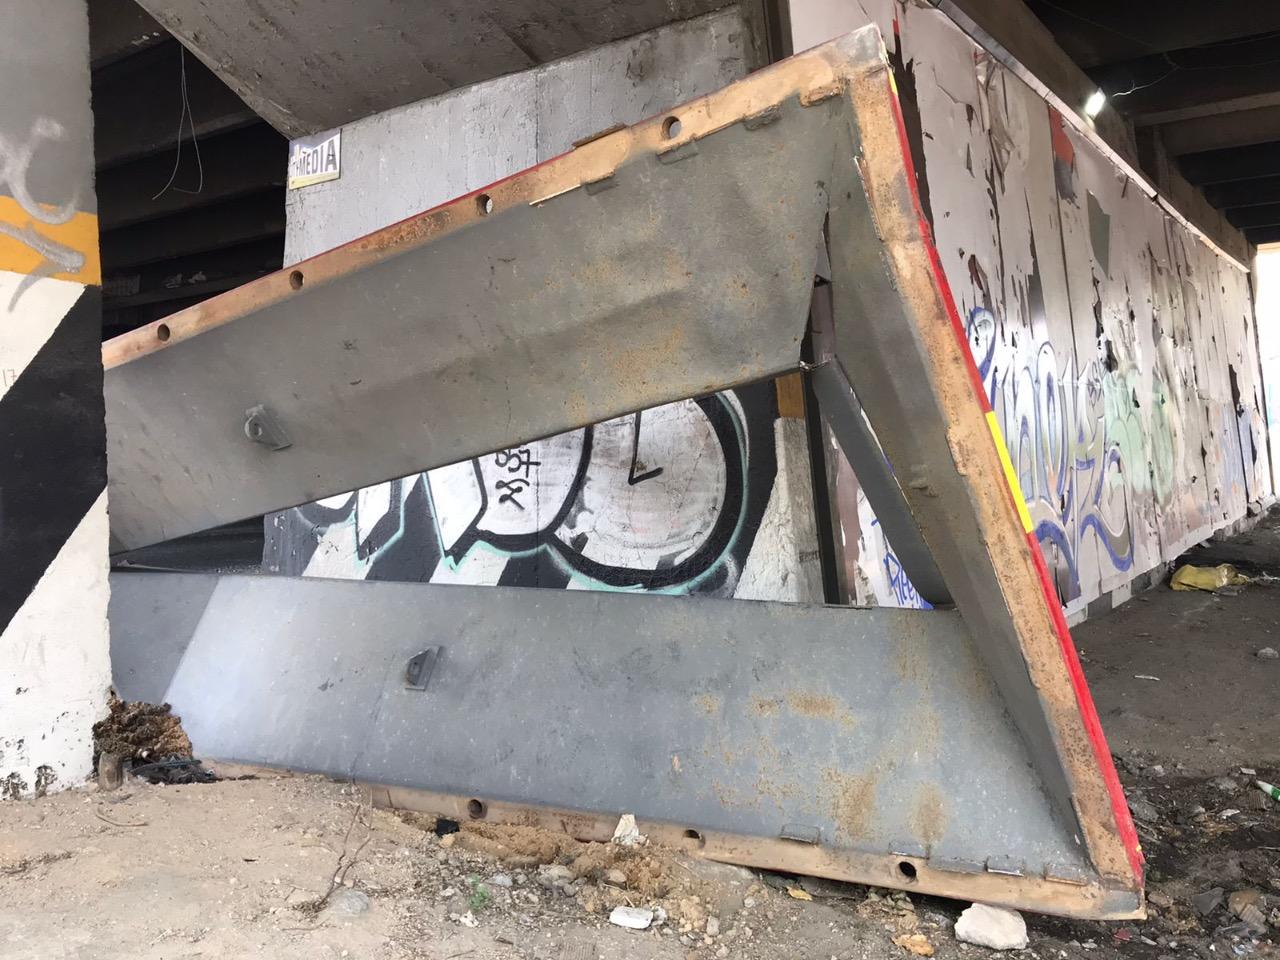 Elementos de Protección Civil de Tlalnepantla precisaron que la estructura se encontraba instalada sobre el puente vehicular